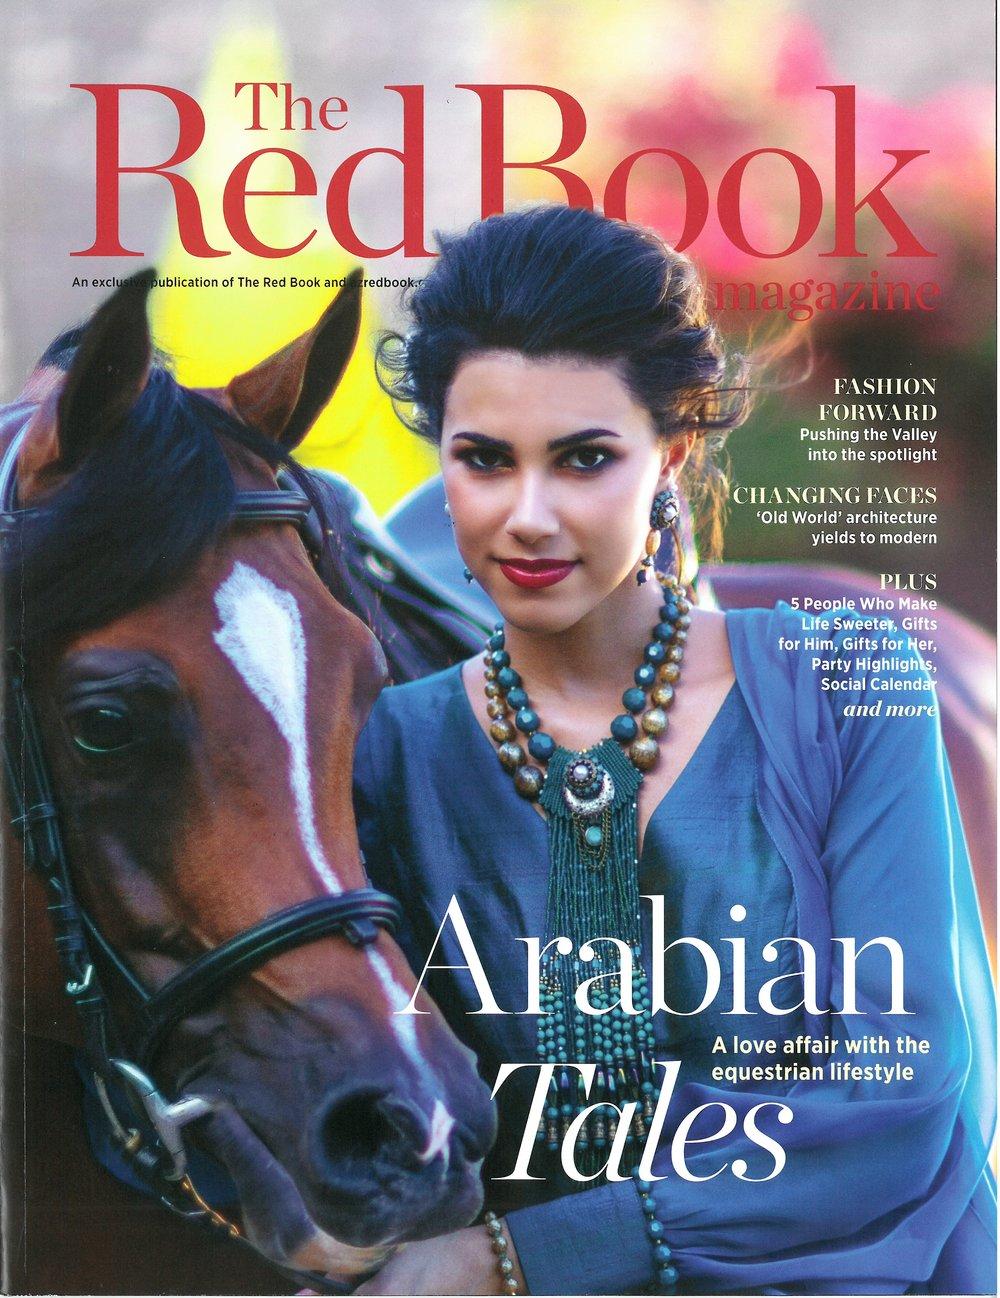 Redbook Magazine. Candelaria Design_Page_5.jpg